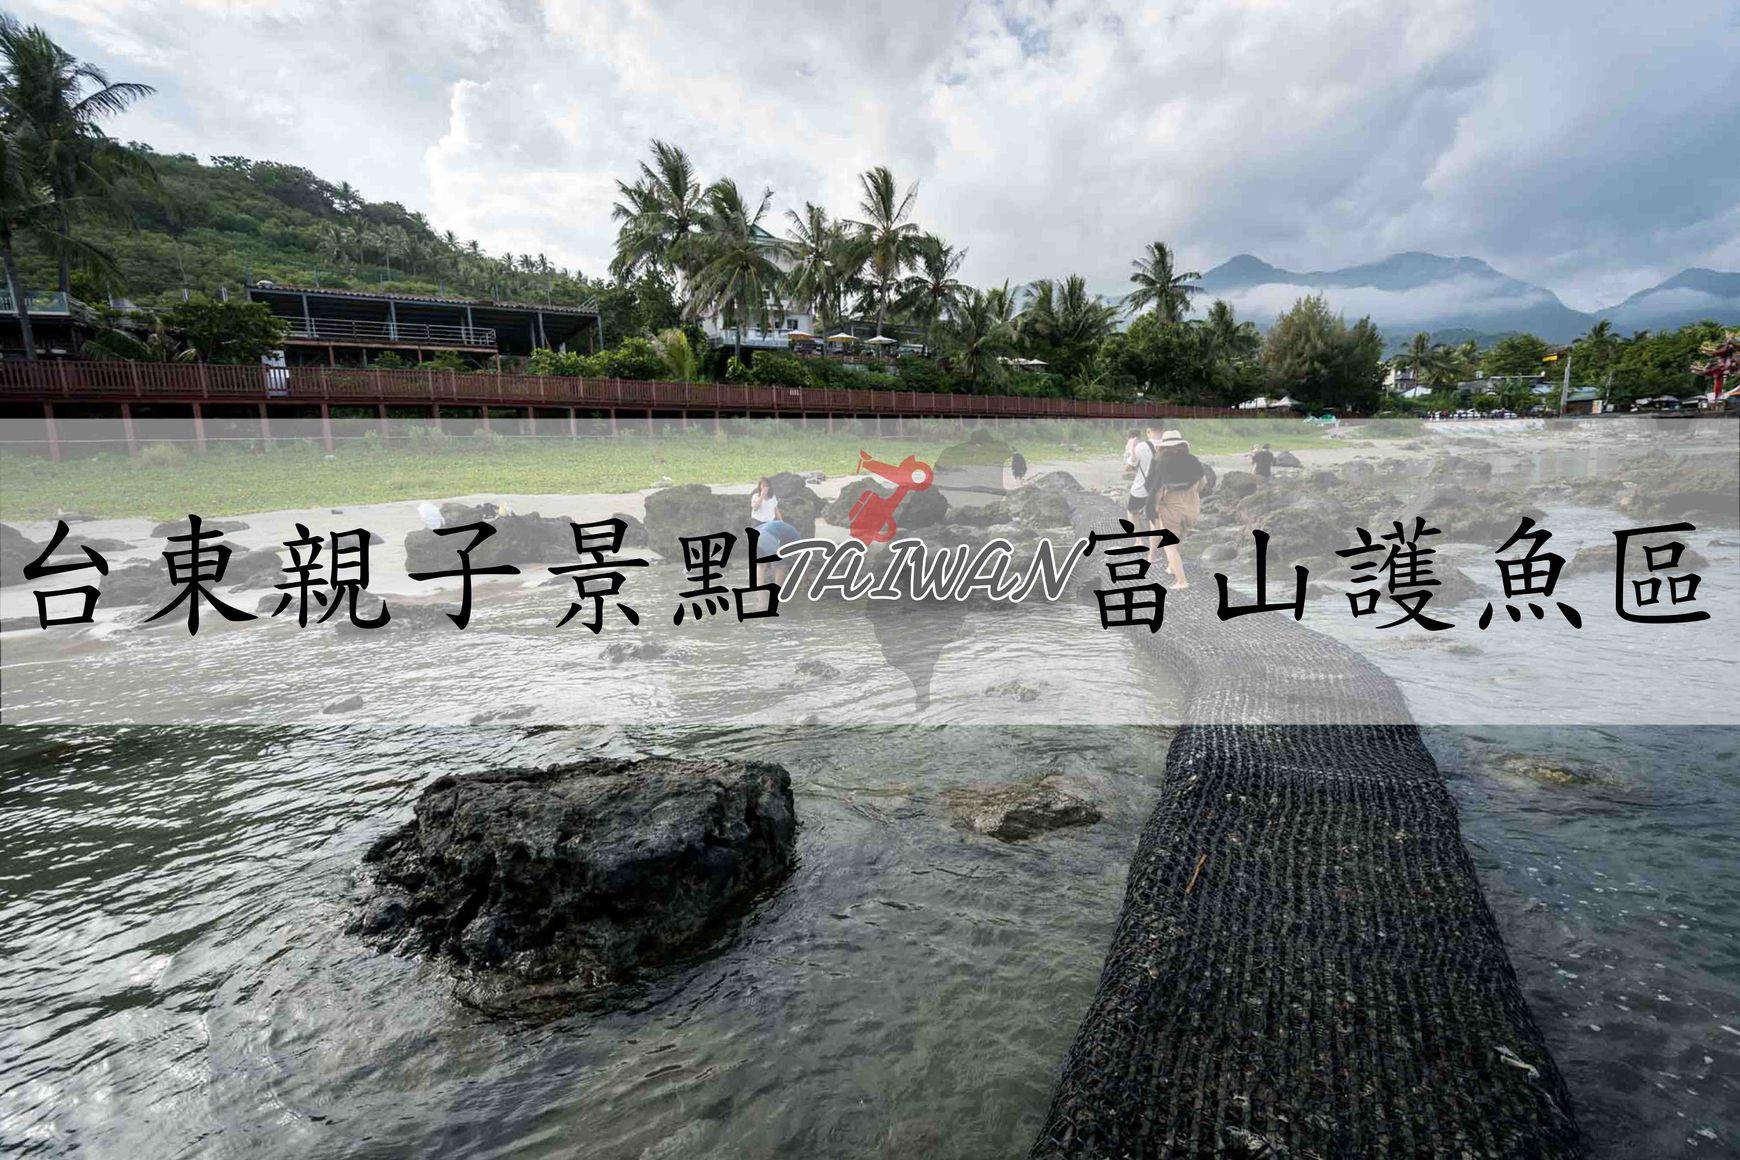 『台東海岸親子景點』海上步道近看魚兒|豐富自然生態成了最棒的天然教室|富山護魚區